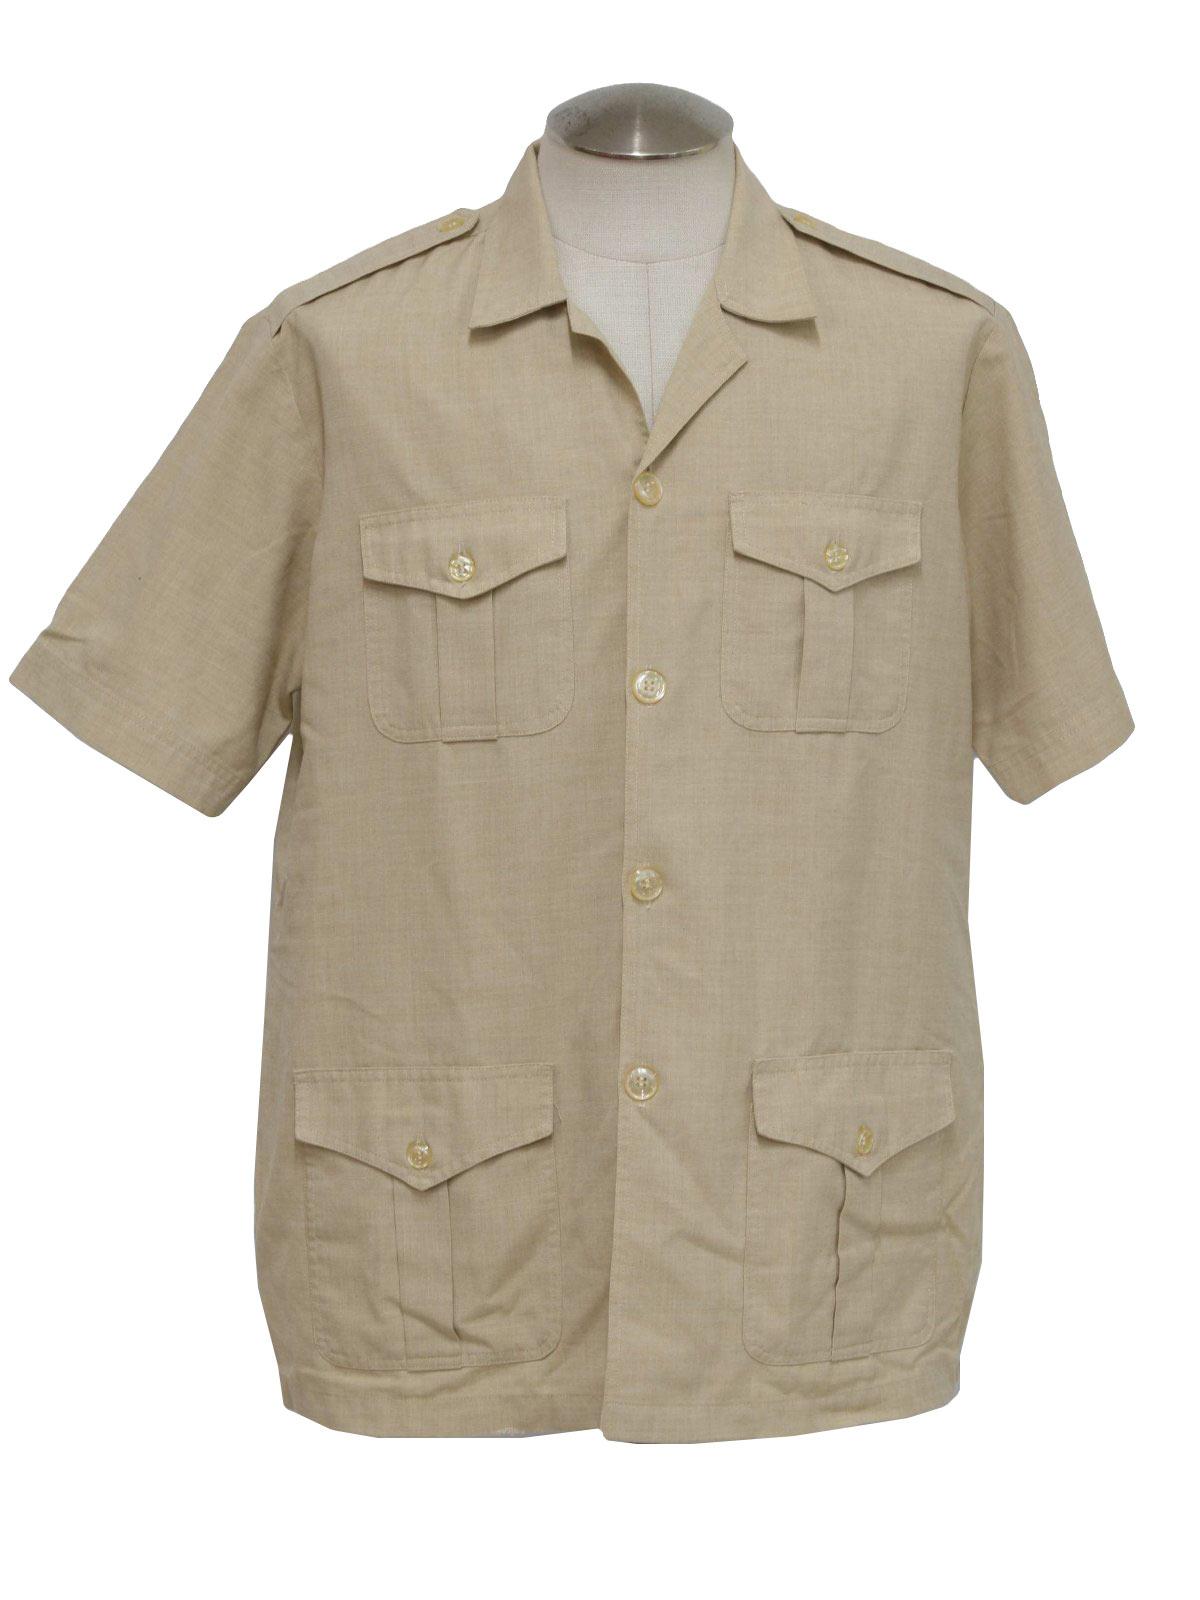 Safari Shirt Cognac Heels: Art Boutique 80's Vintage Shirt: 80s -Art Boutique- Mens